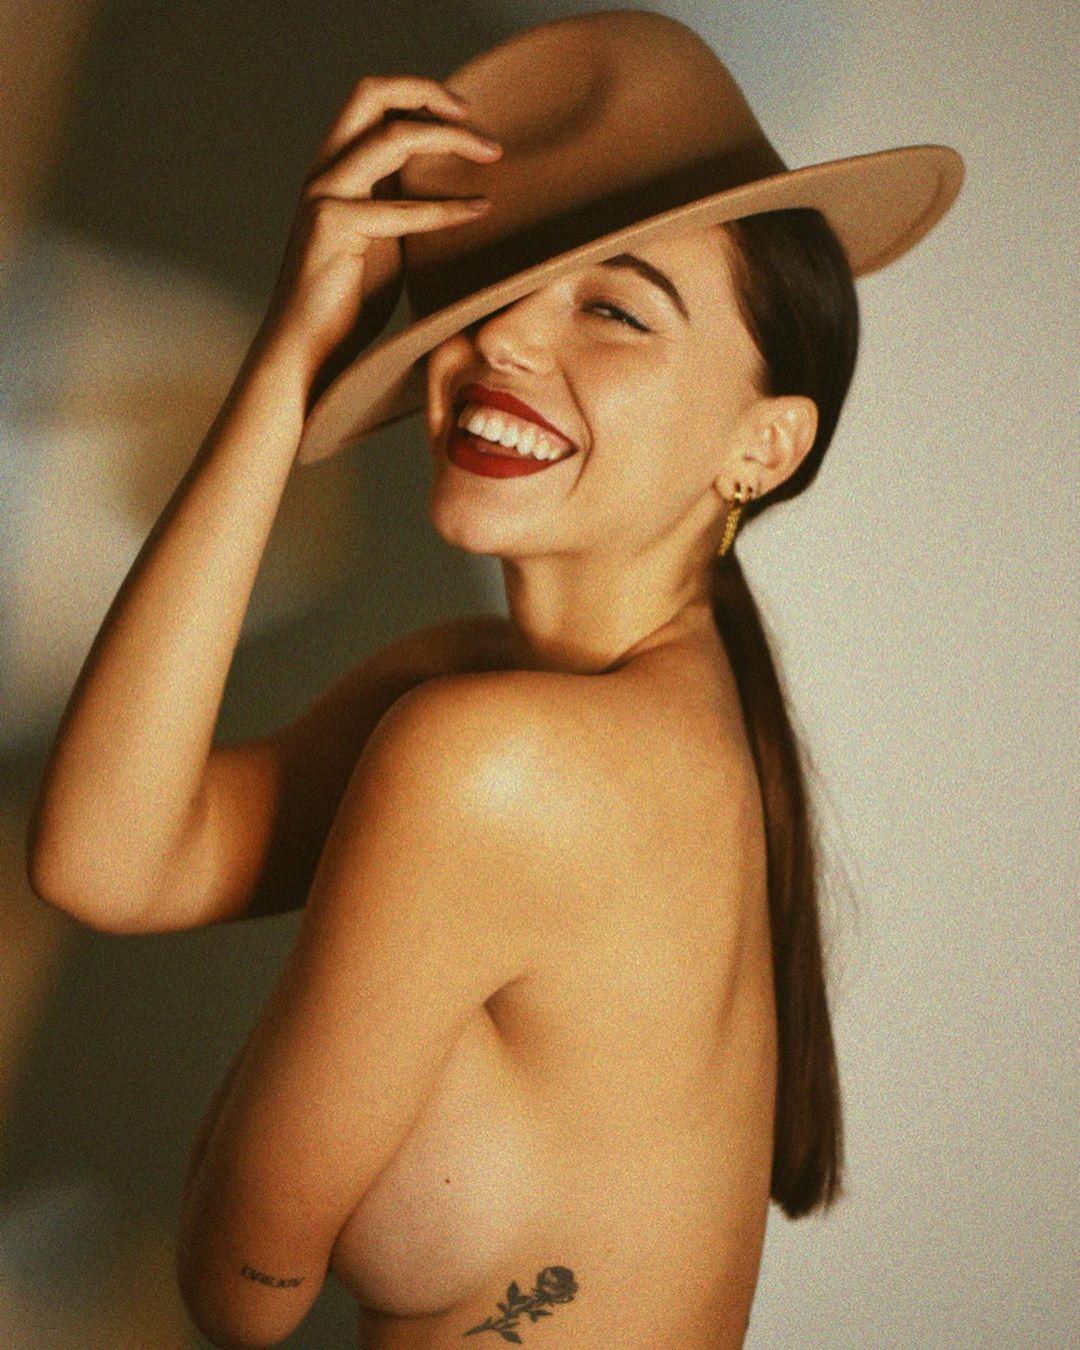 Чувственные снимки девушек от Мелиссы Картахена